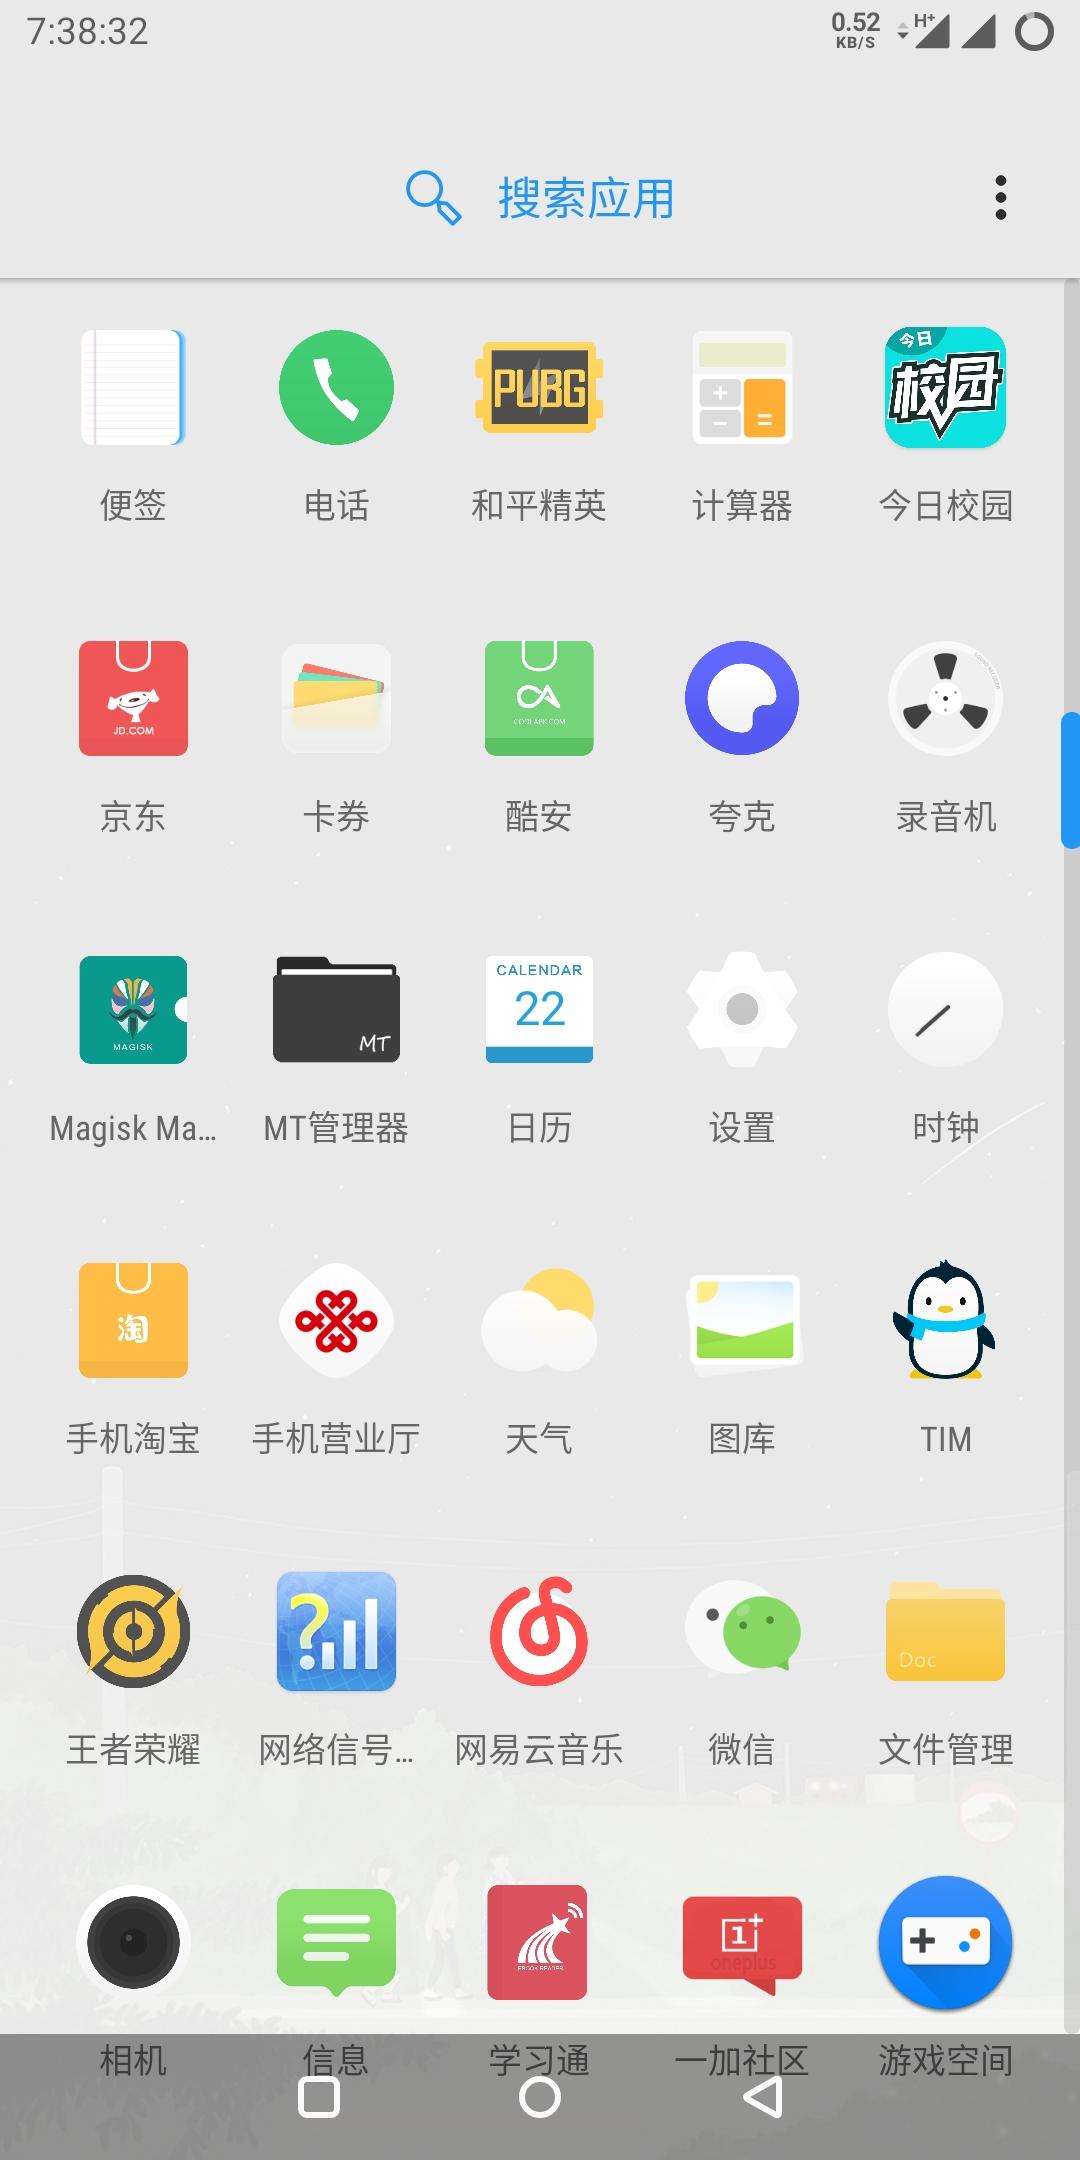 Screenshot_20200822-073833.jpg